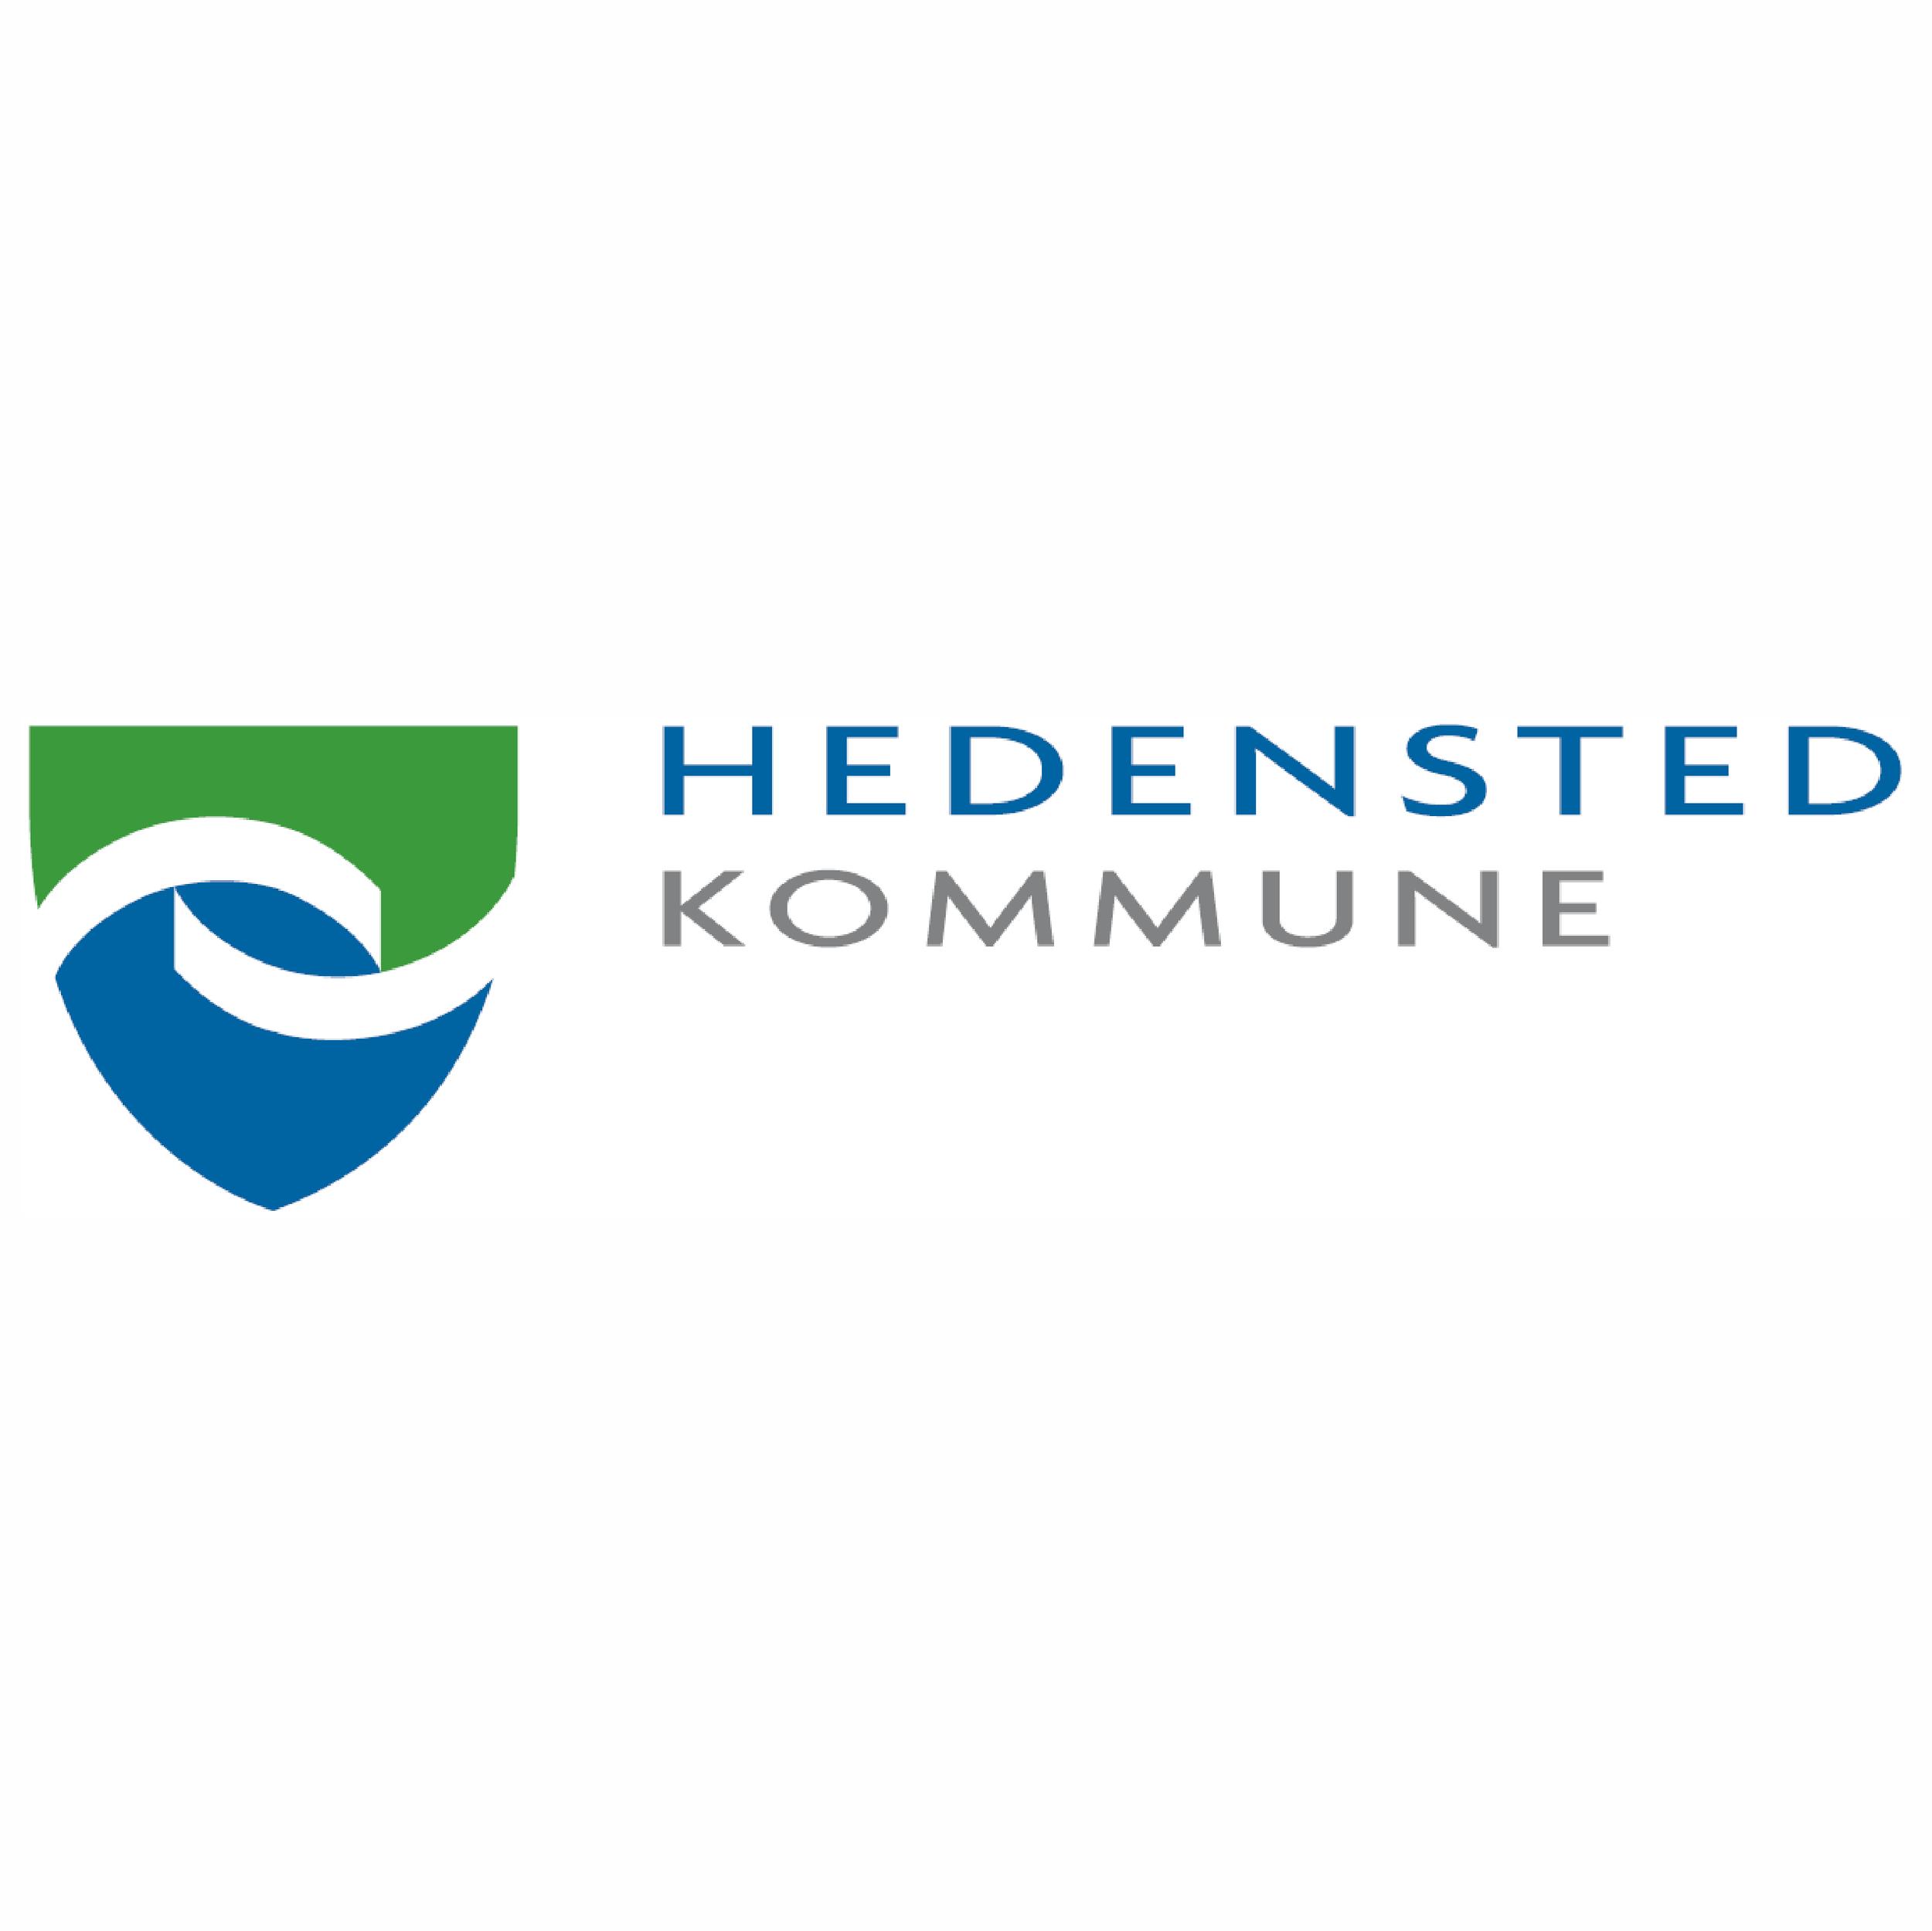 Hedensted kommune.png